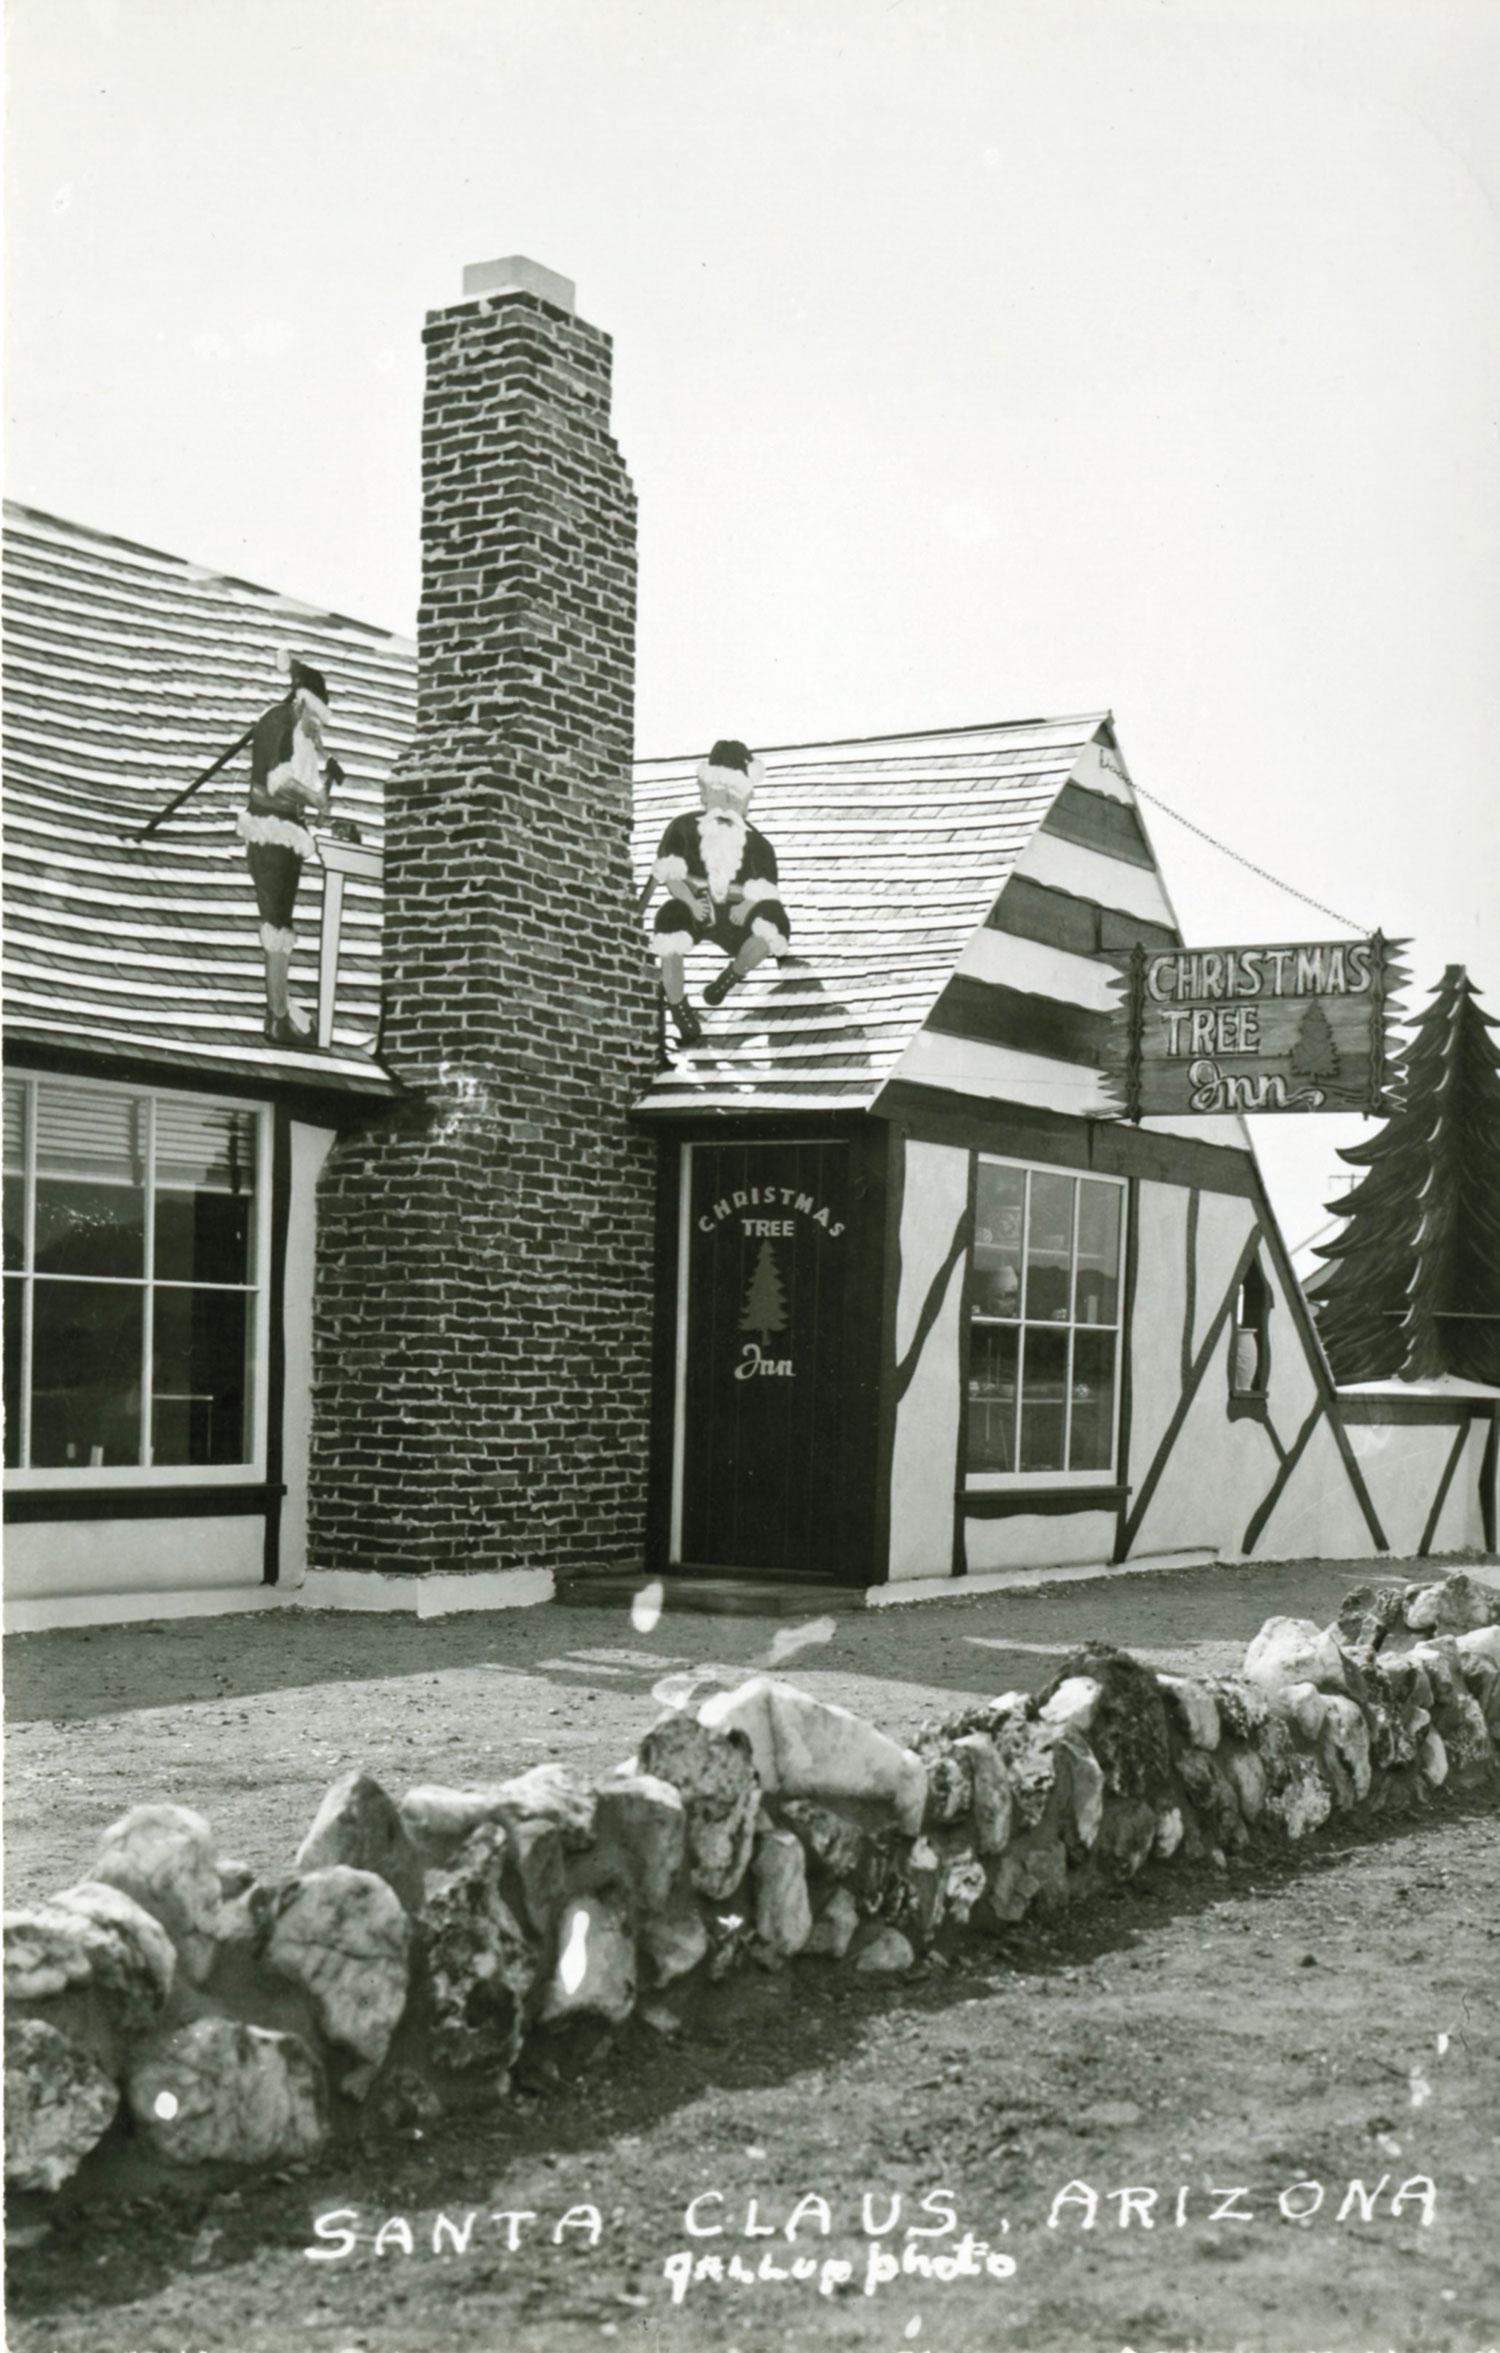 Historic photo courtesy Arizona Historical Society